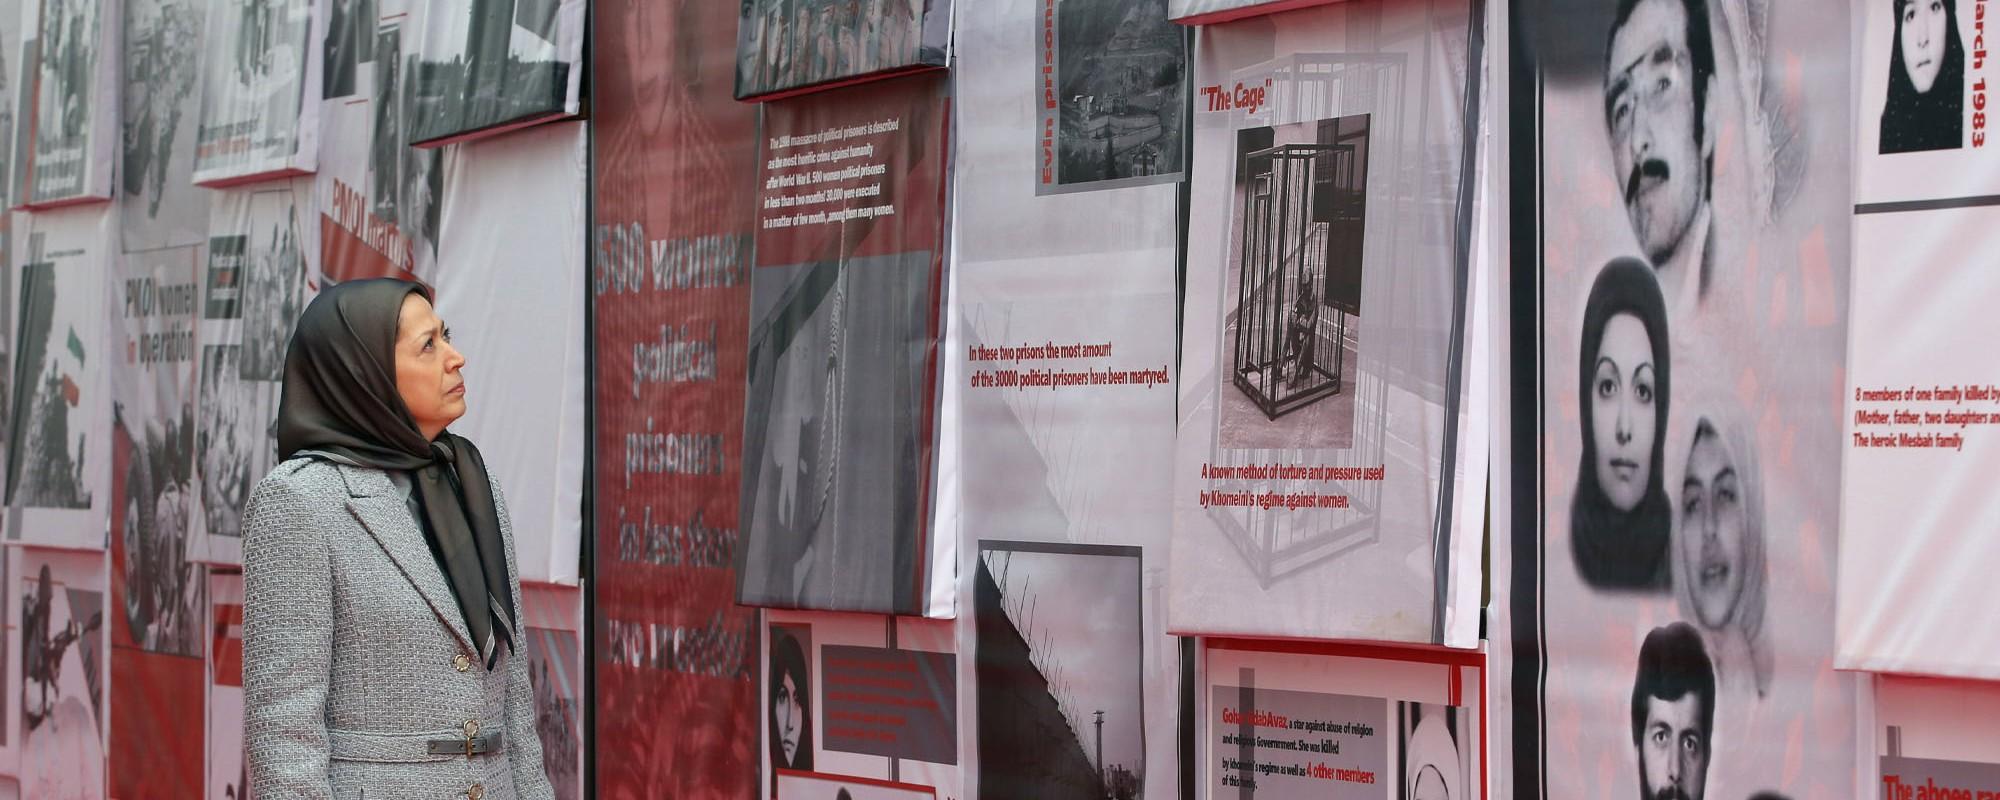 Action urgente pour sauver les prisonniers politiques